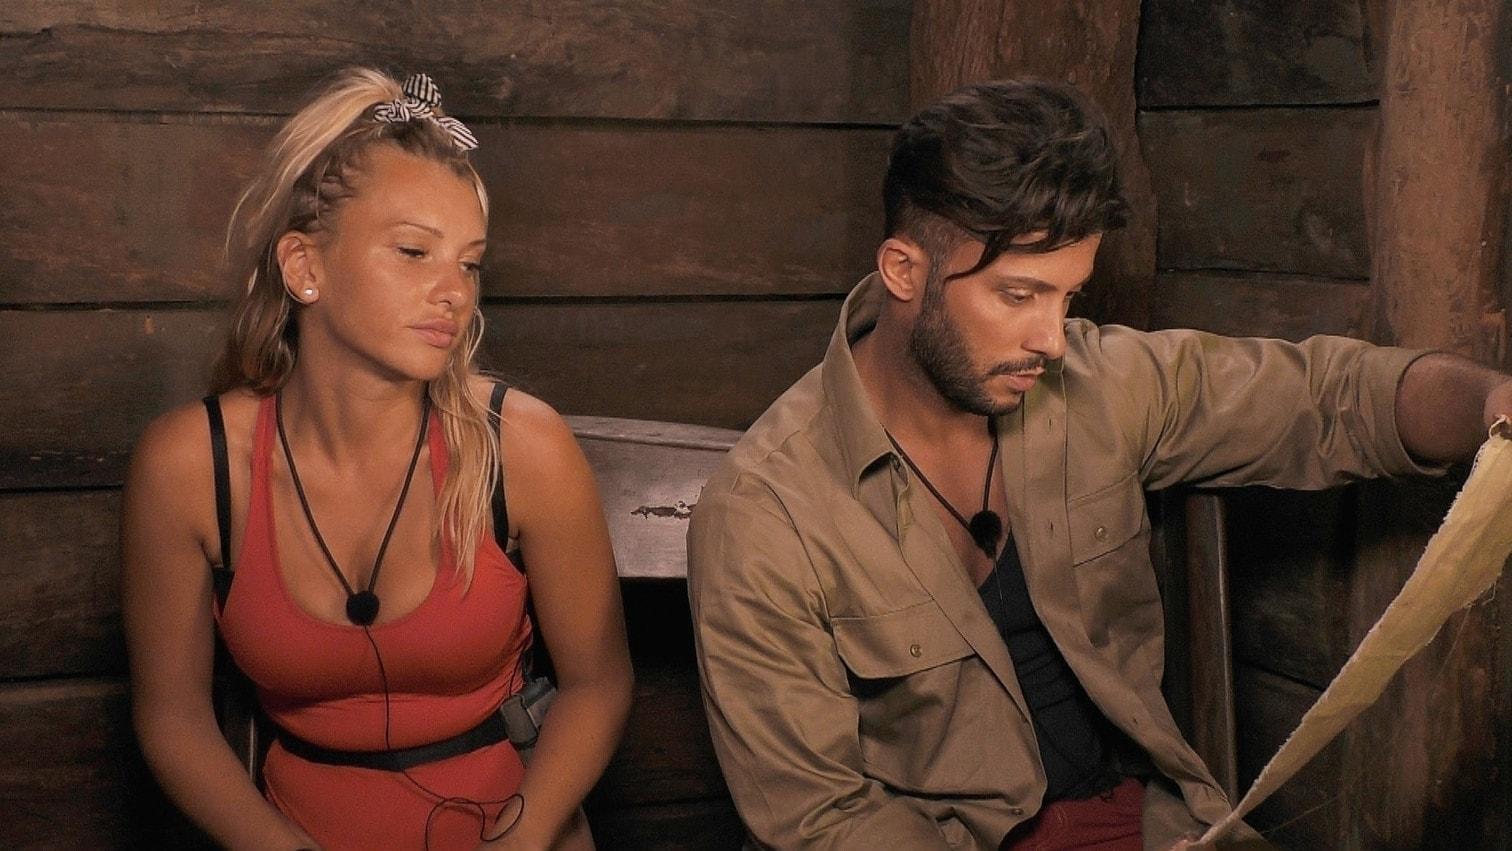 <p>Zur zweiten Schatzsuche müssen Domenico und Evelyn antreten. So richtig glücklich darüber ist das Ex-Paar nicht &ndash; und damit nimmt das Drama seinen Lauf!</p> Foto: MG RTL D / Stefan Menne